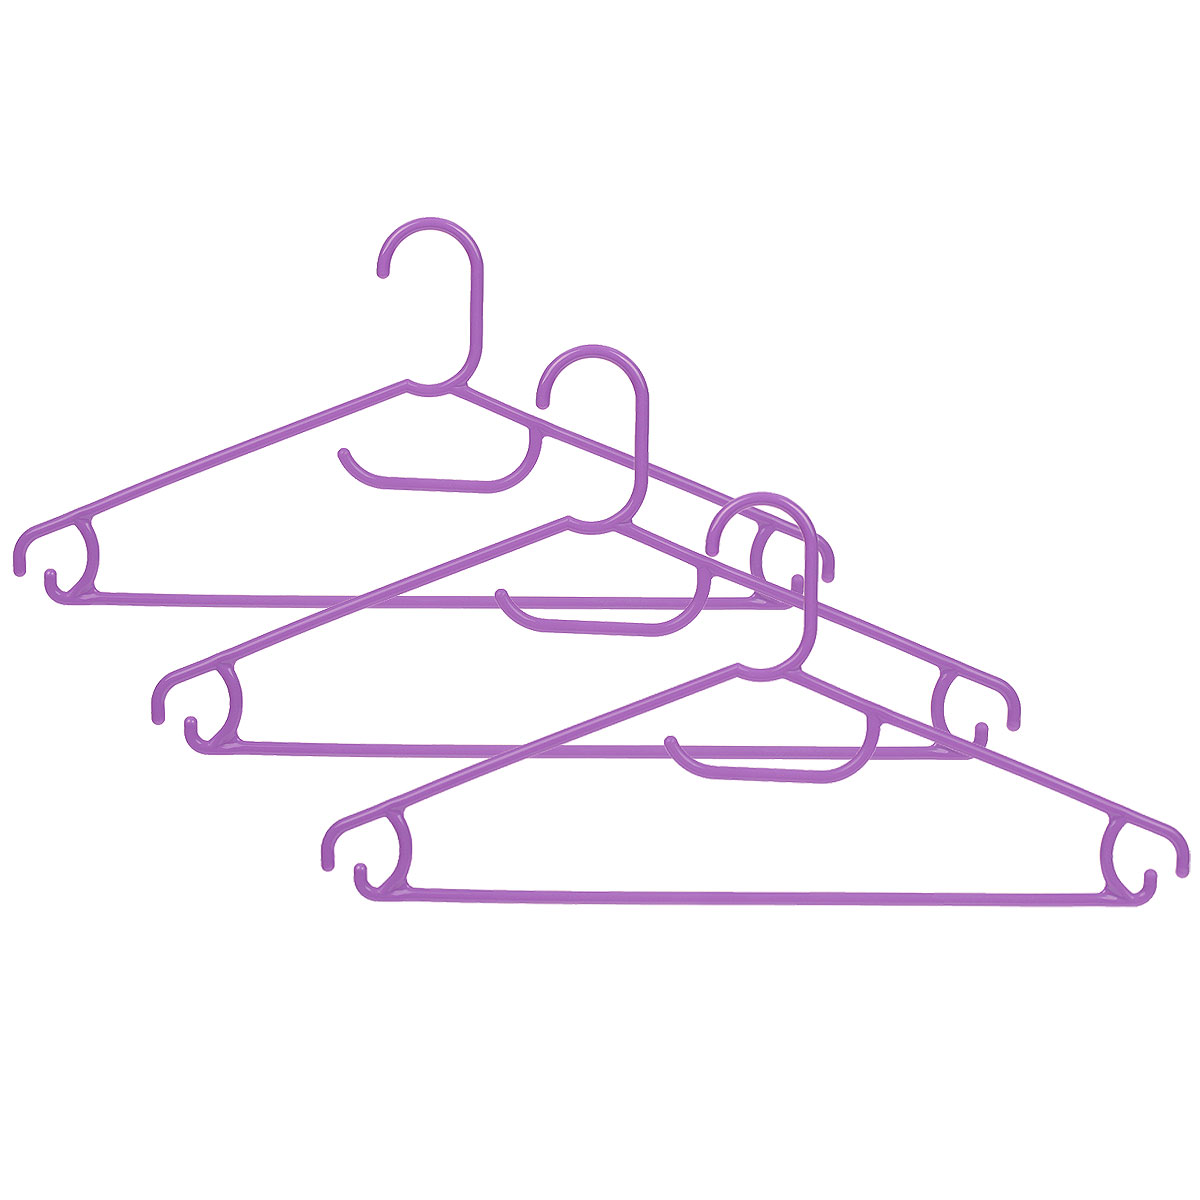 Набор вешалок Econova, цвет: сиреневый, размер 48, 3 шт1004900000360Набор Econova, выполненный из прочного пластика, состоит из 3 вешалок.Каждое изделие оснащено перекладиной, боковыми крючками, а также крючком для галстуков. Вешалка - это незаменимая вещь для того, чтобы ваша одежда всегда оставалась в хорошем состоянии.Комплектация: 3 шт.Размер одежды: 48.